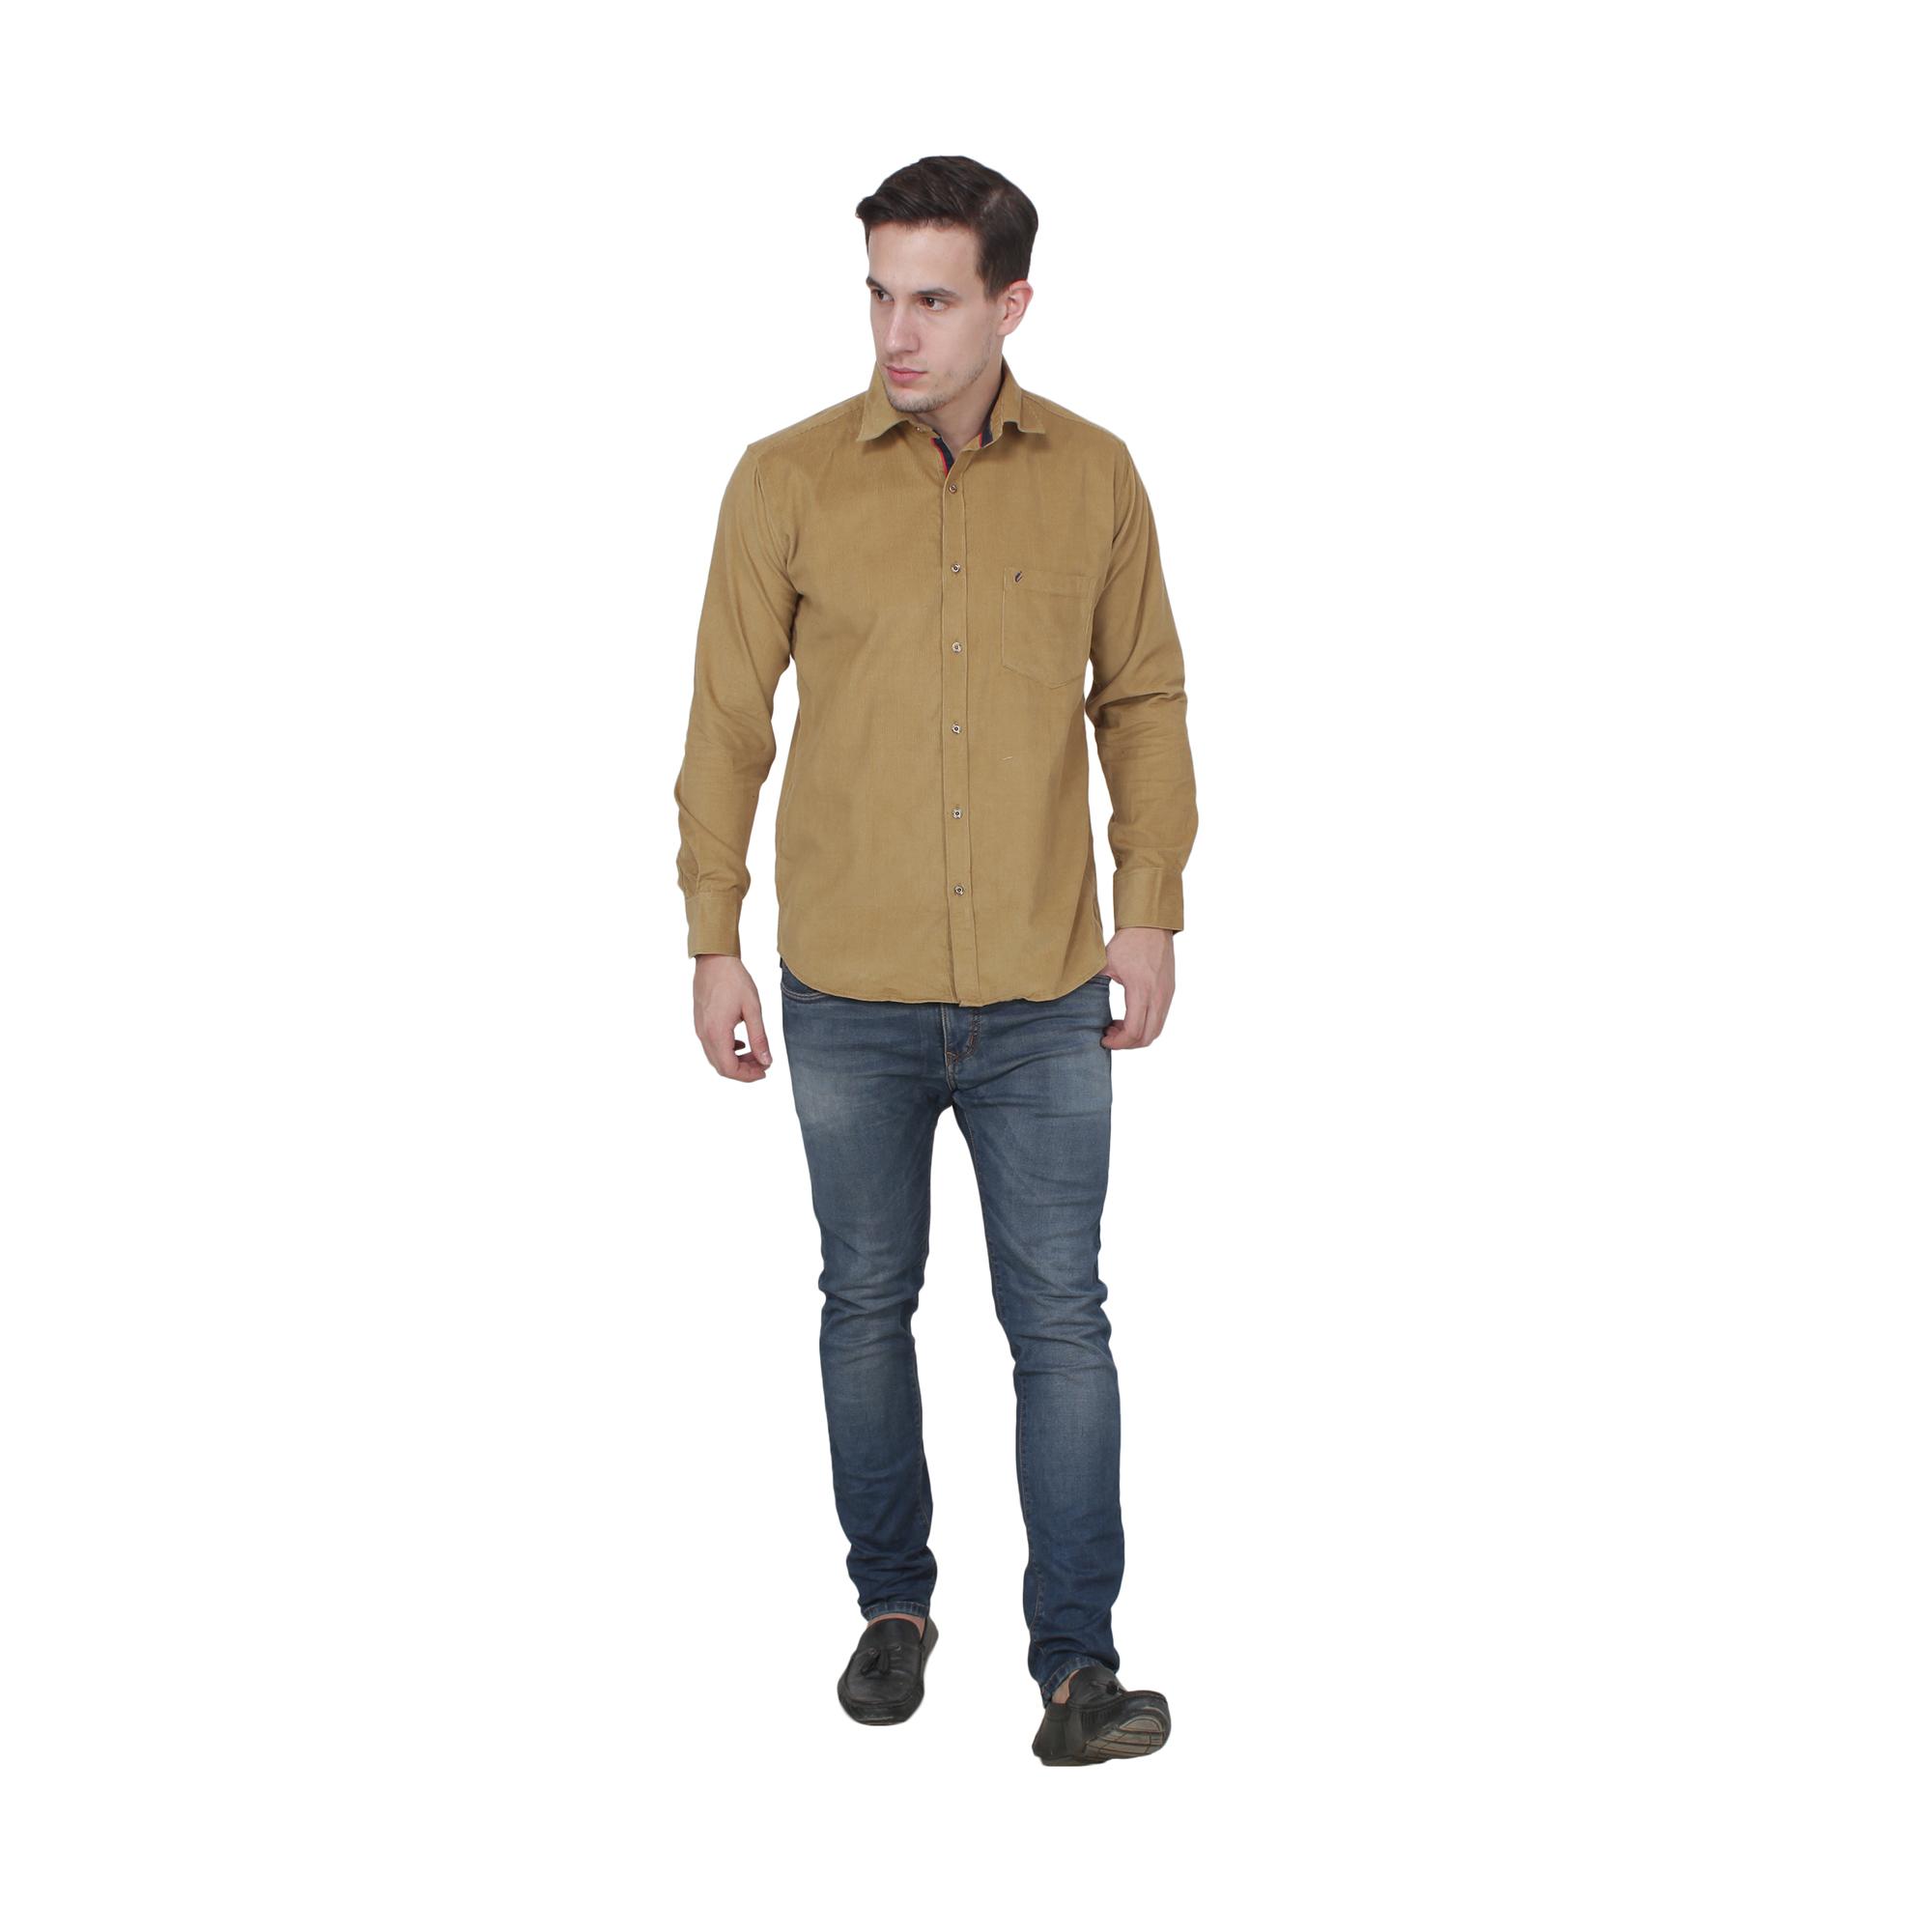 Men Cottorized Shirts  Color Creame